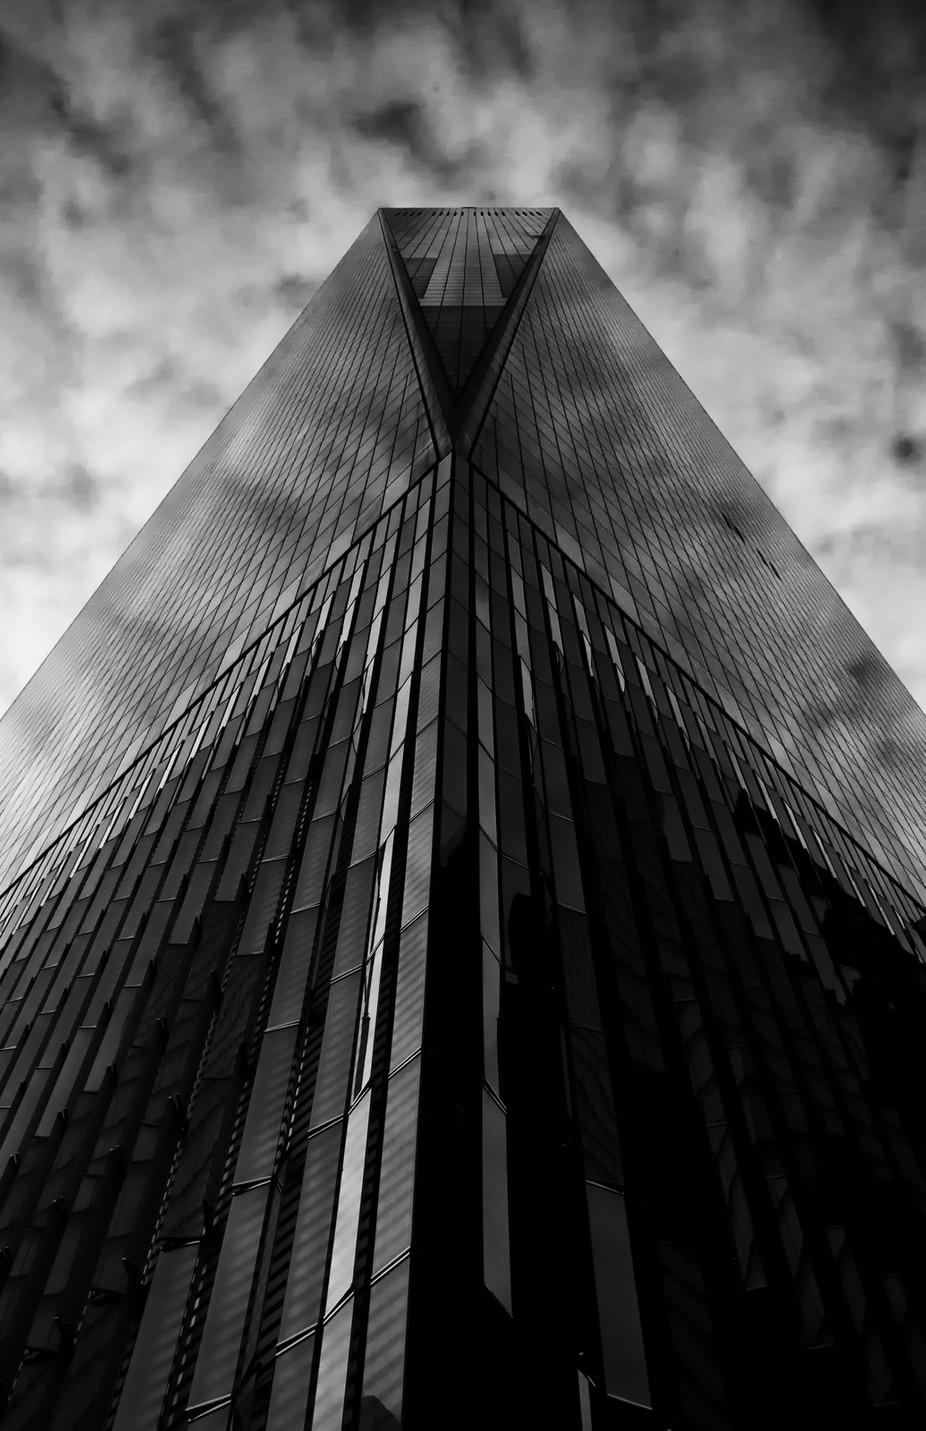 OneWorld by whaevamakesuhappy - Large Photo Contest